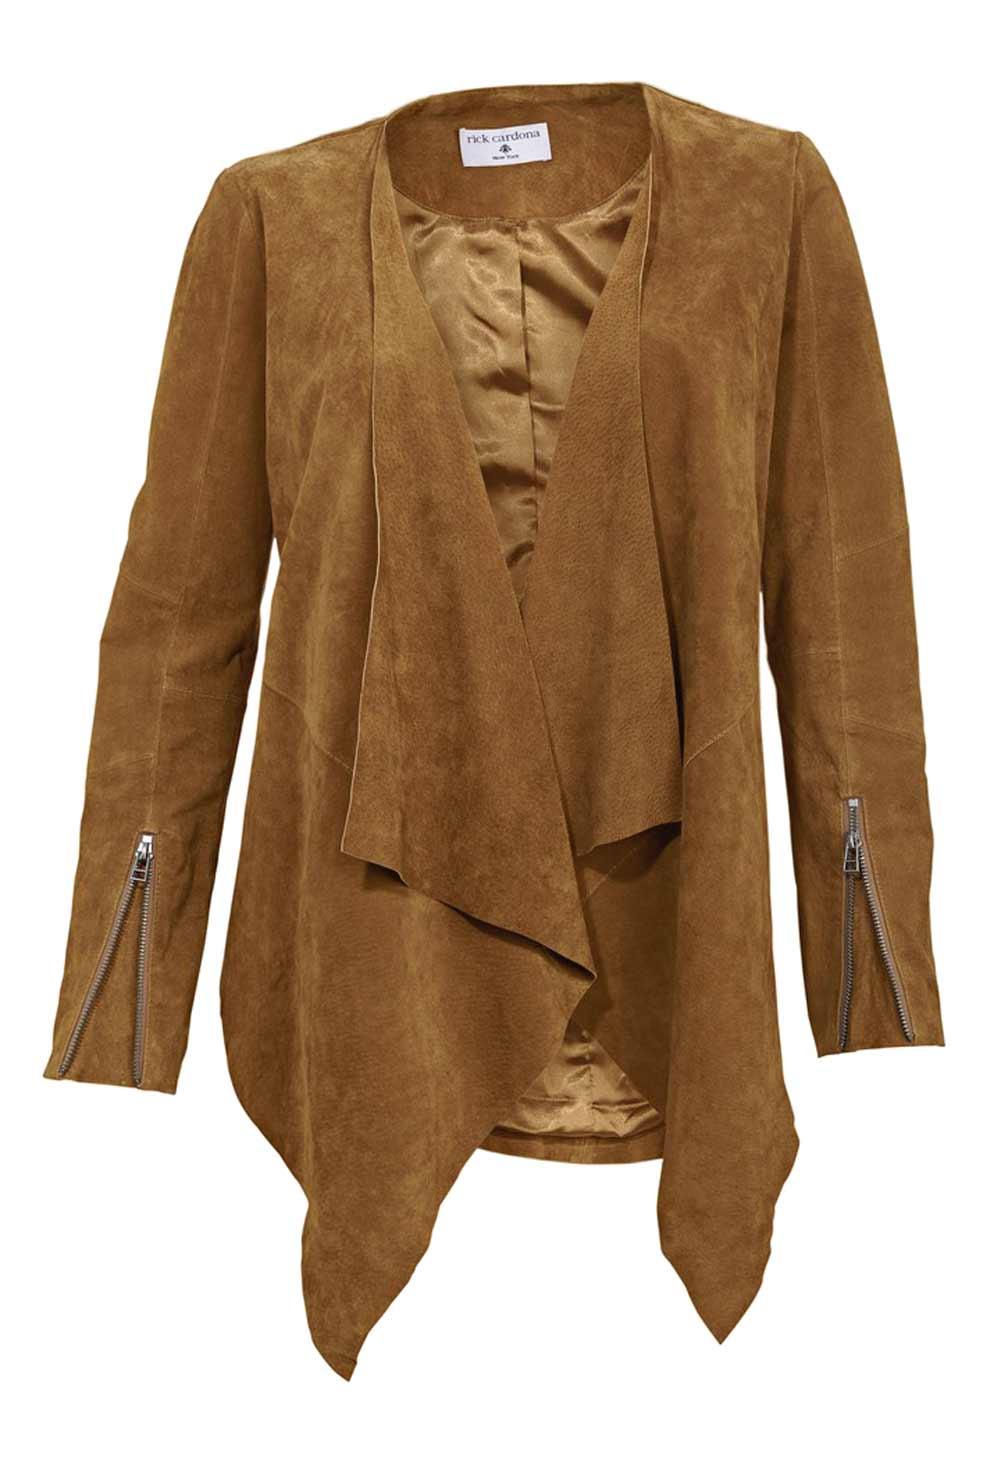 jacken auf rechnung bestellen als neukunde Rick Cardona Damen Designer-Lederjacke Cognac Hellbraun Zipfel Wasserfall 140.000 MISSFORTY